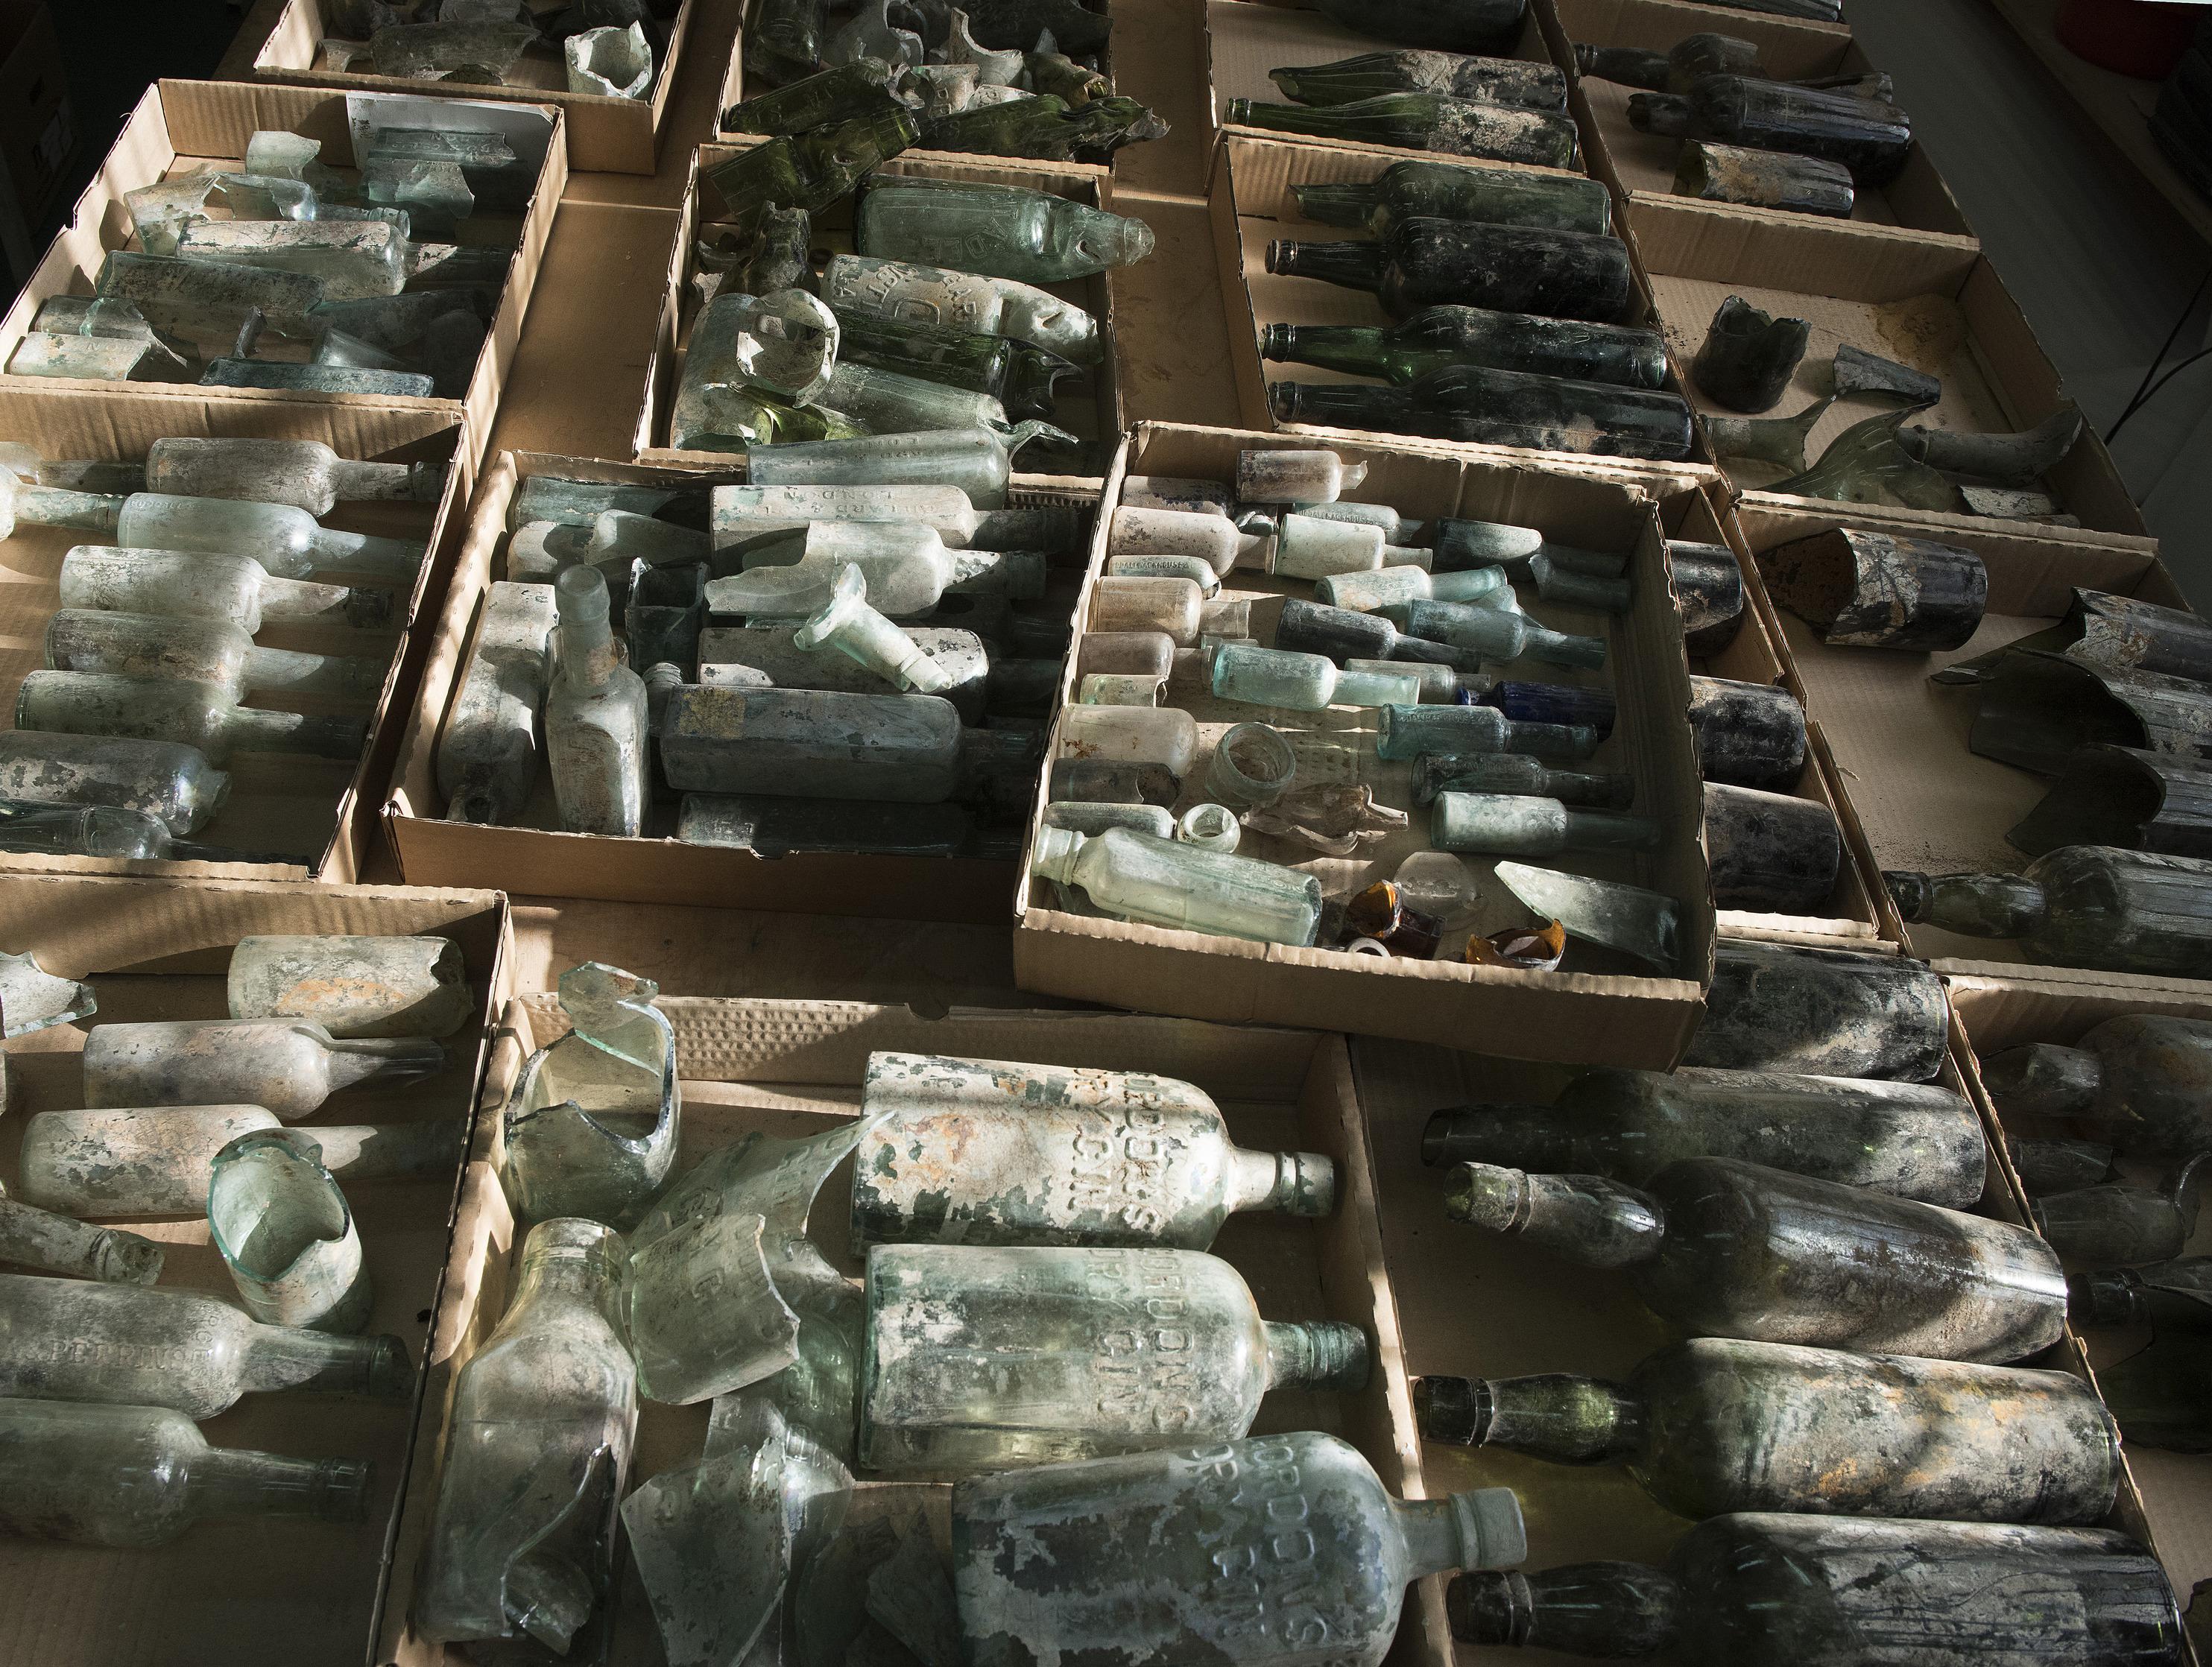 בחינת בקבוקי הזכוכית במעבדת רשות העתיקות, צילום קלרה עמית